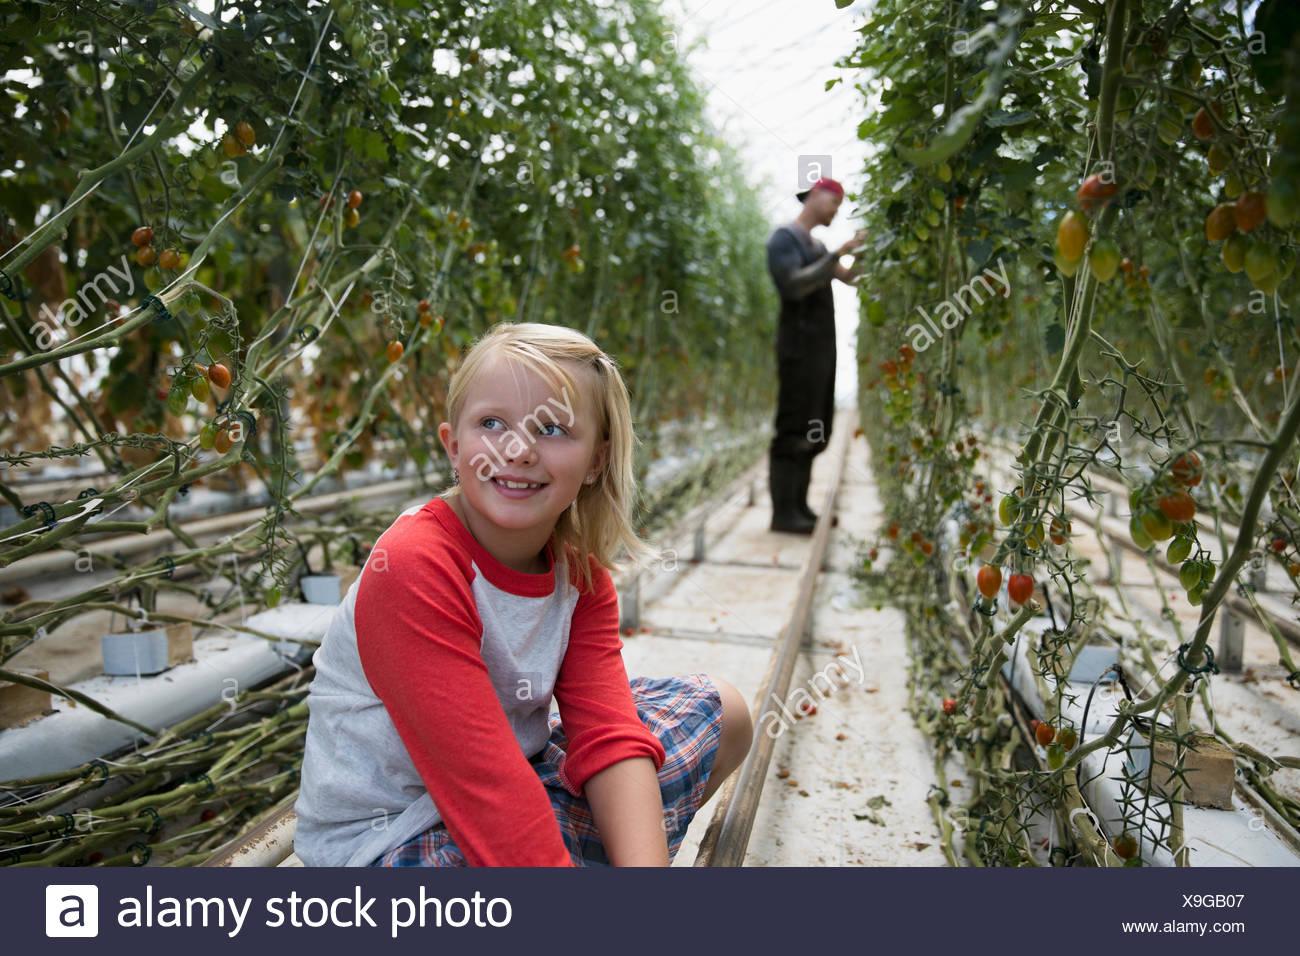 Smiling girl sitting des émissions entre les plants de tomates en pleine croissance Photo Stock